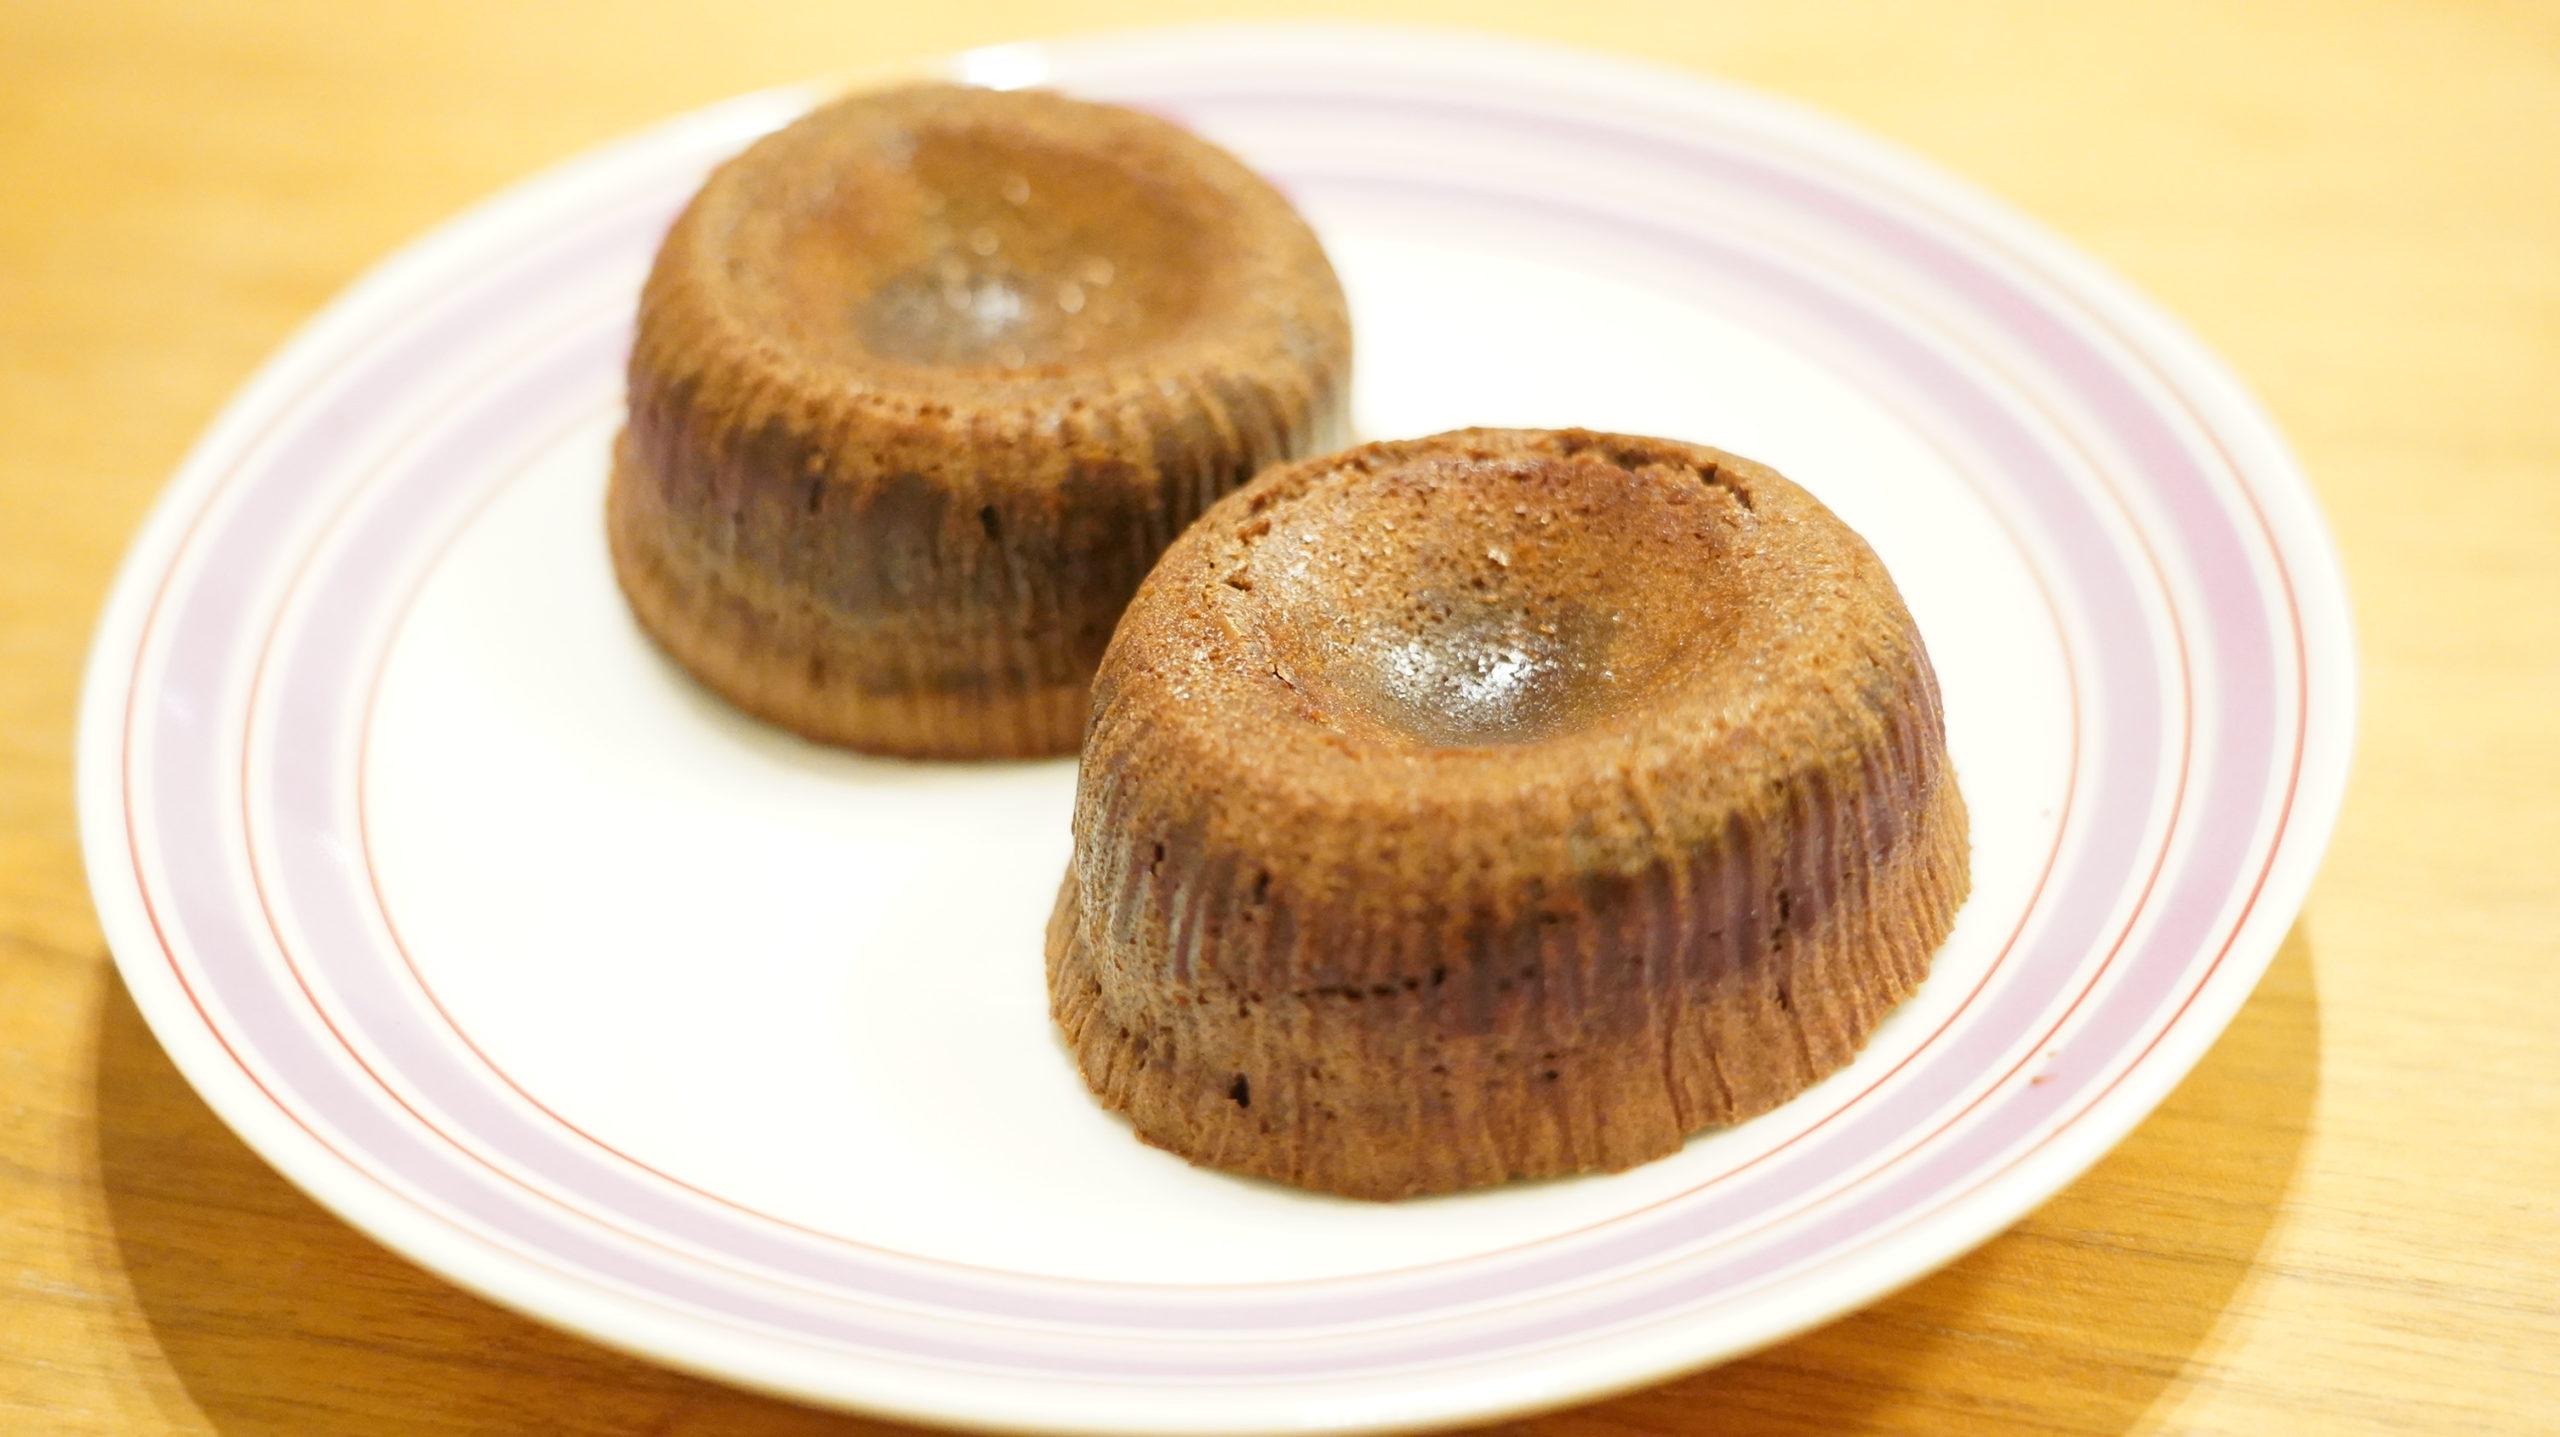 ピカールの冷凍食品「モアローショコラ」をお皿に盛り付けた写真